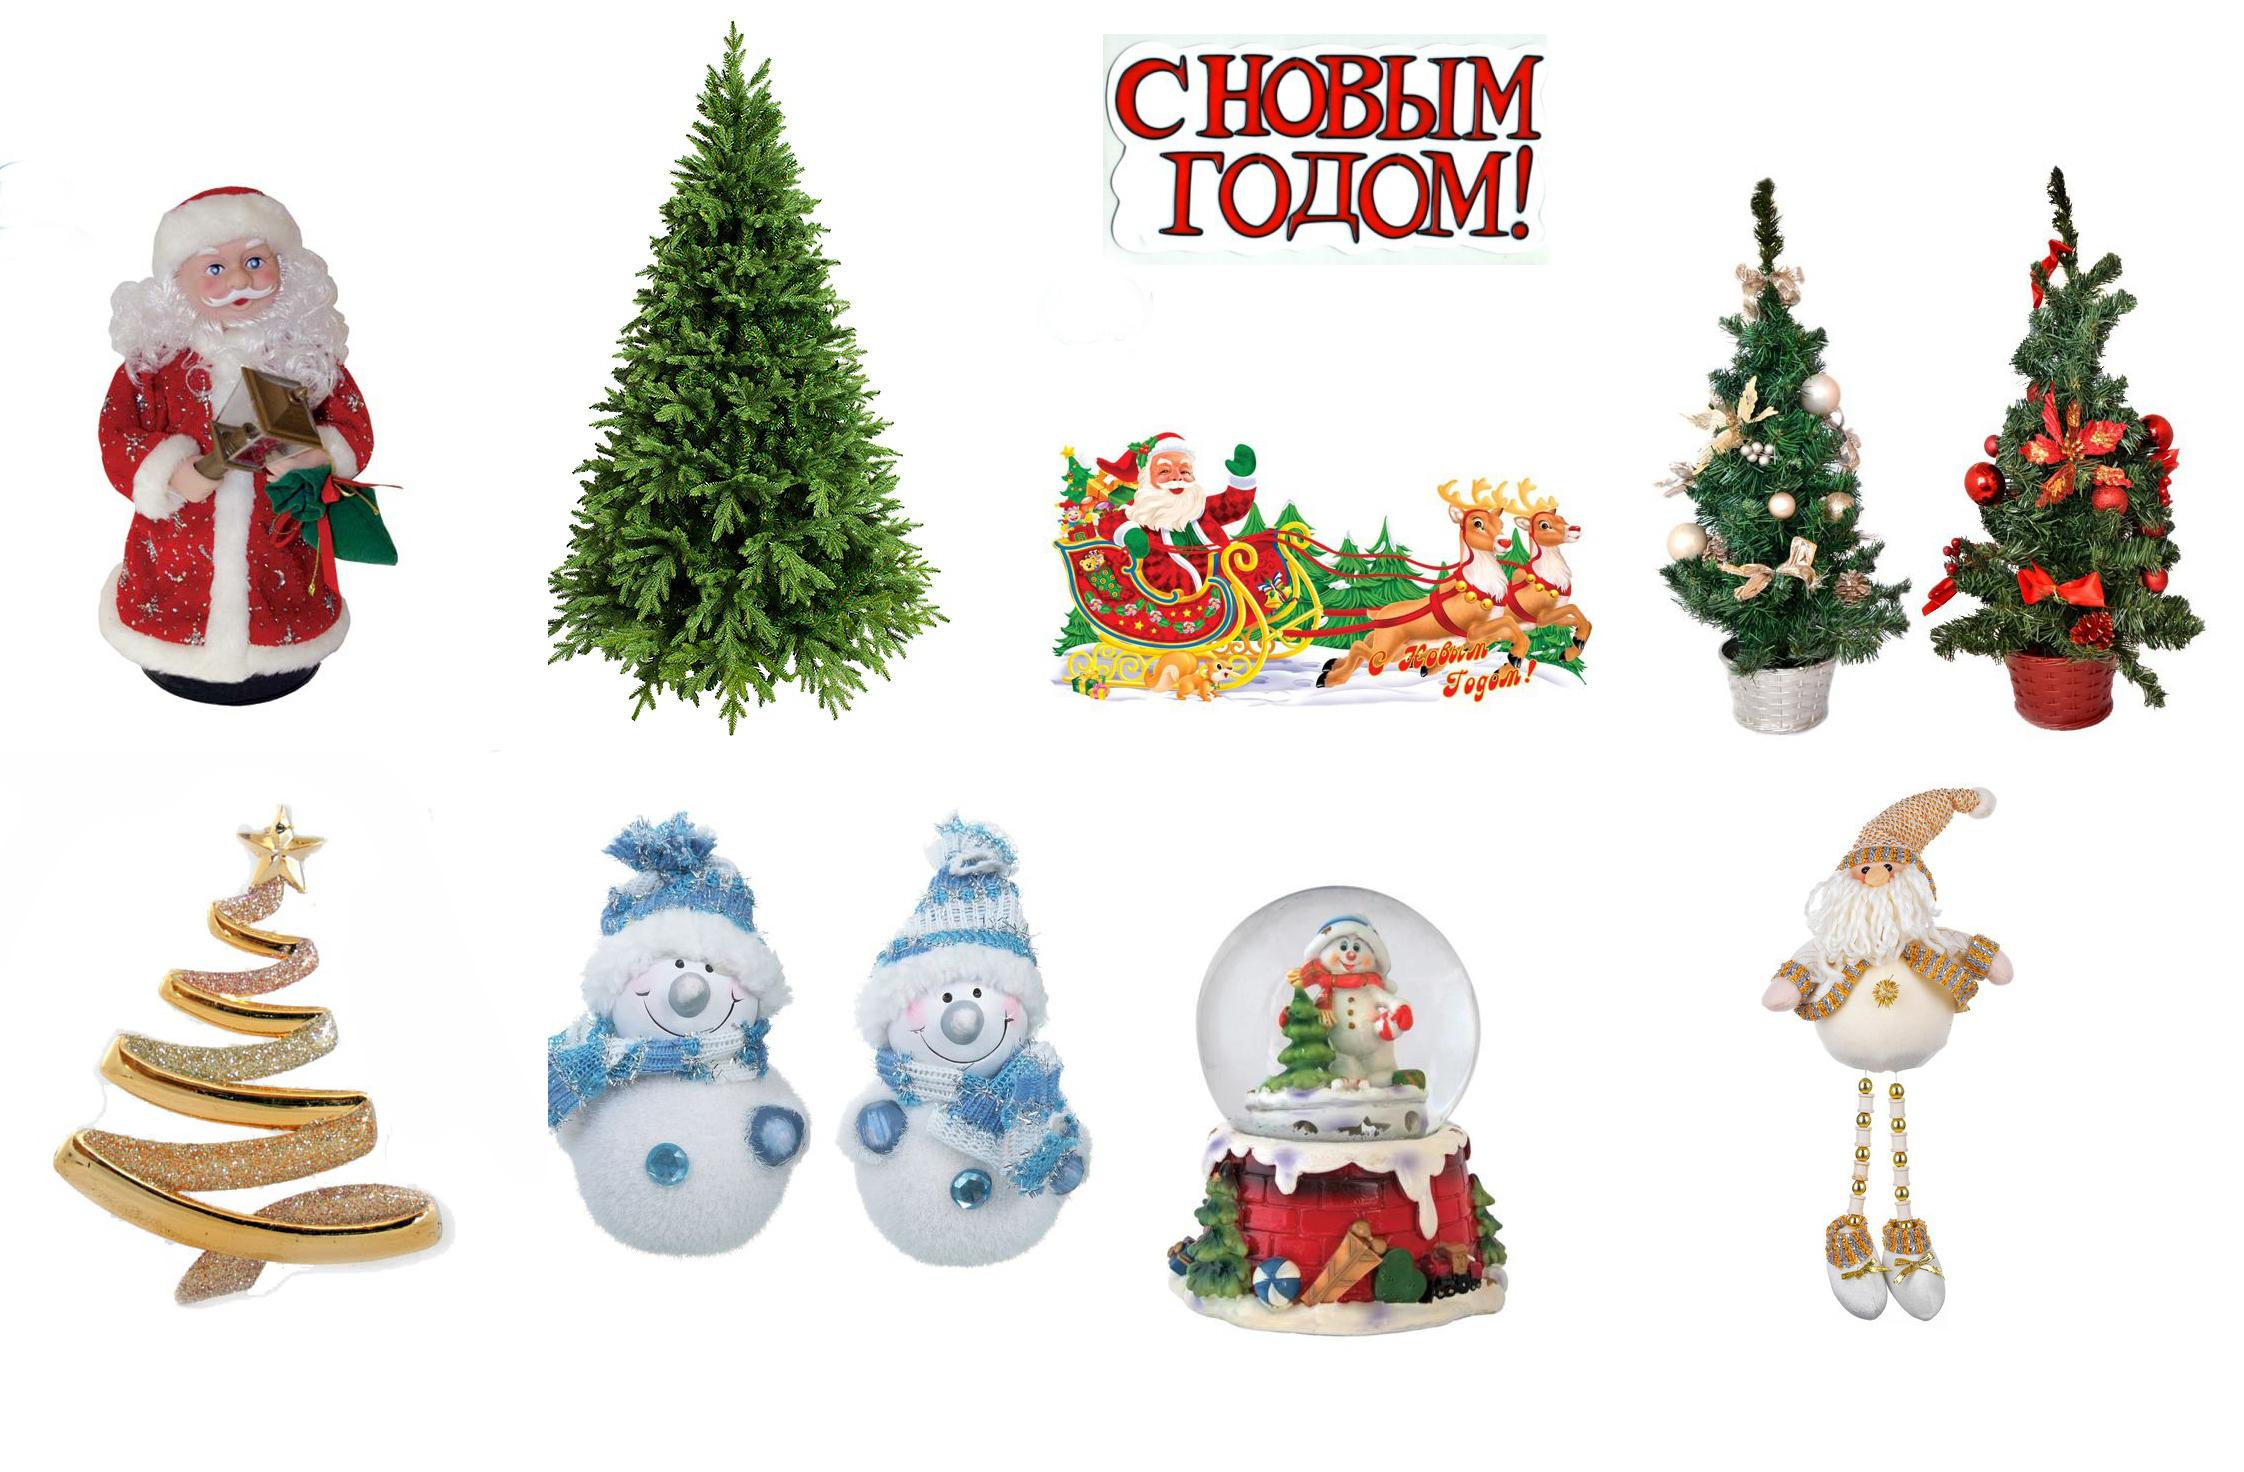 Сбор заказов. Новый год к нам мчится! Ёлки, мишура, игрушки, хлопушки, гирлянды, бенгальские огни, сувениры. Готовим подарки к праздникам. Выкуп 1